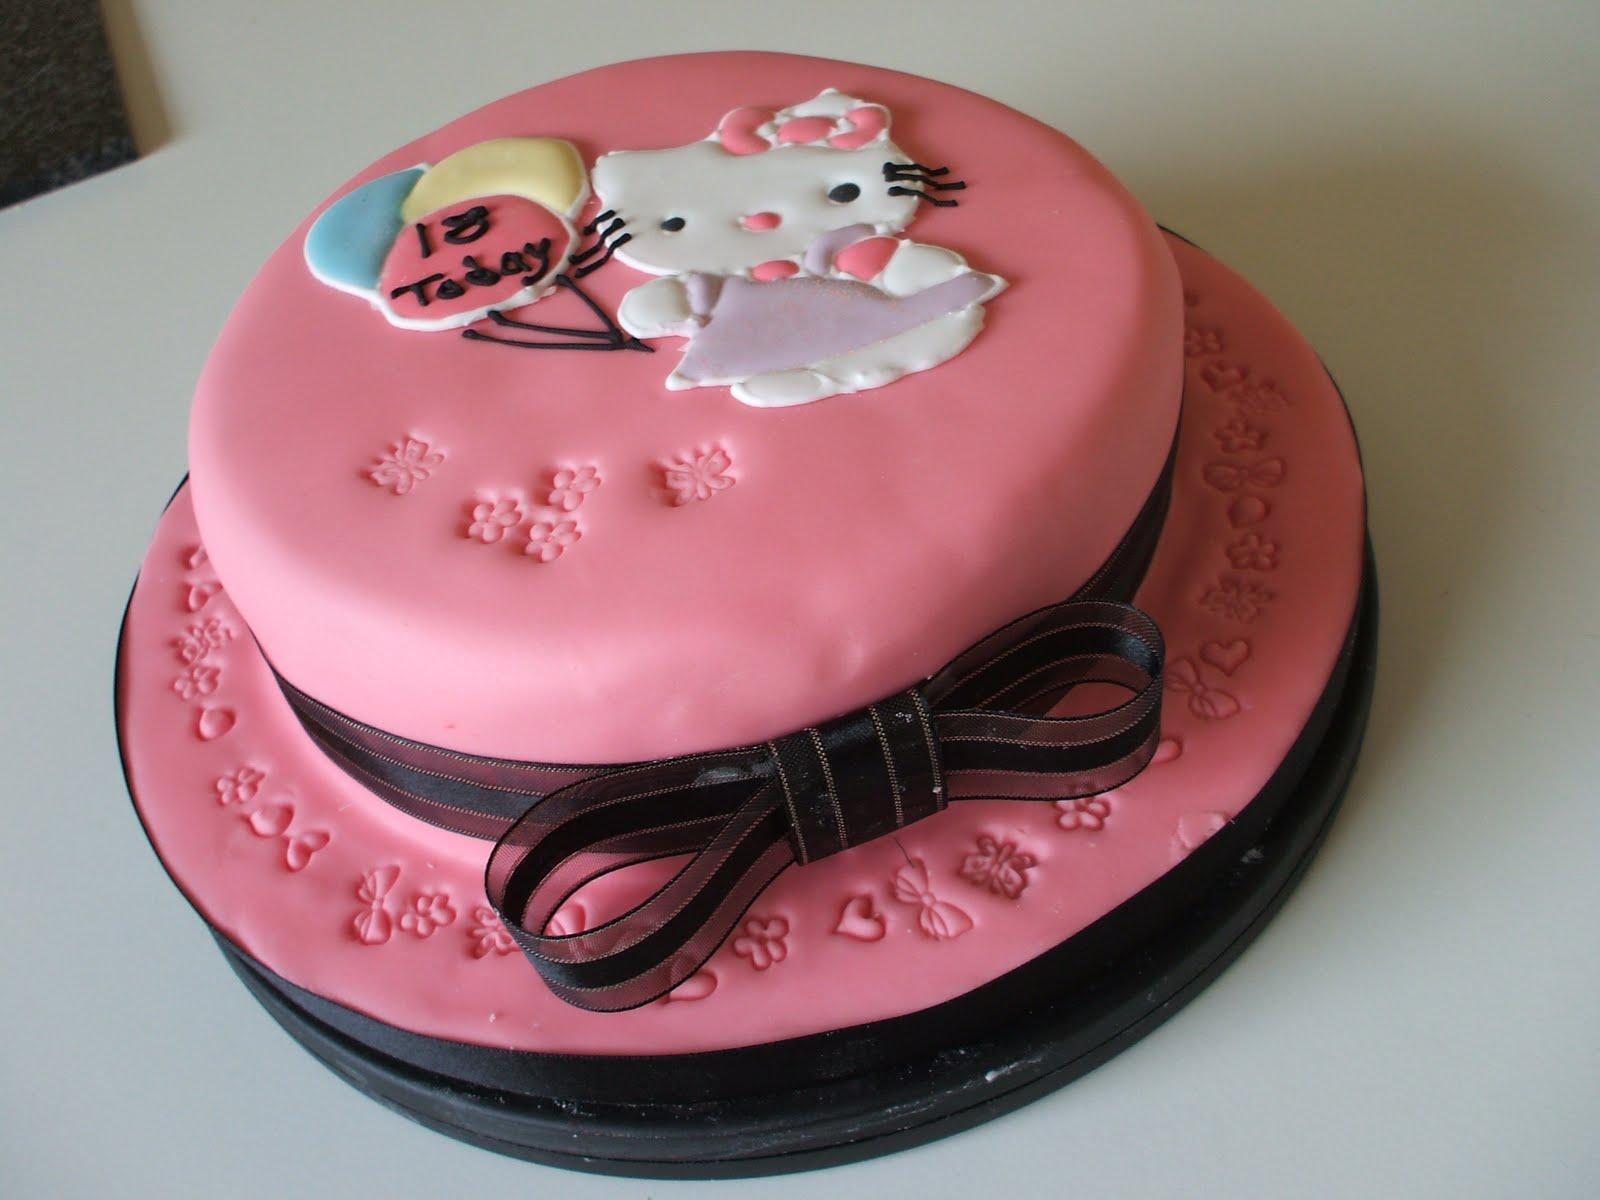 Wondrous Cake With Hello Kitty Design The Cake Boutique Birthday Cards Printable Benkemecafe Filternl